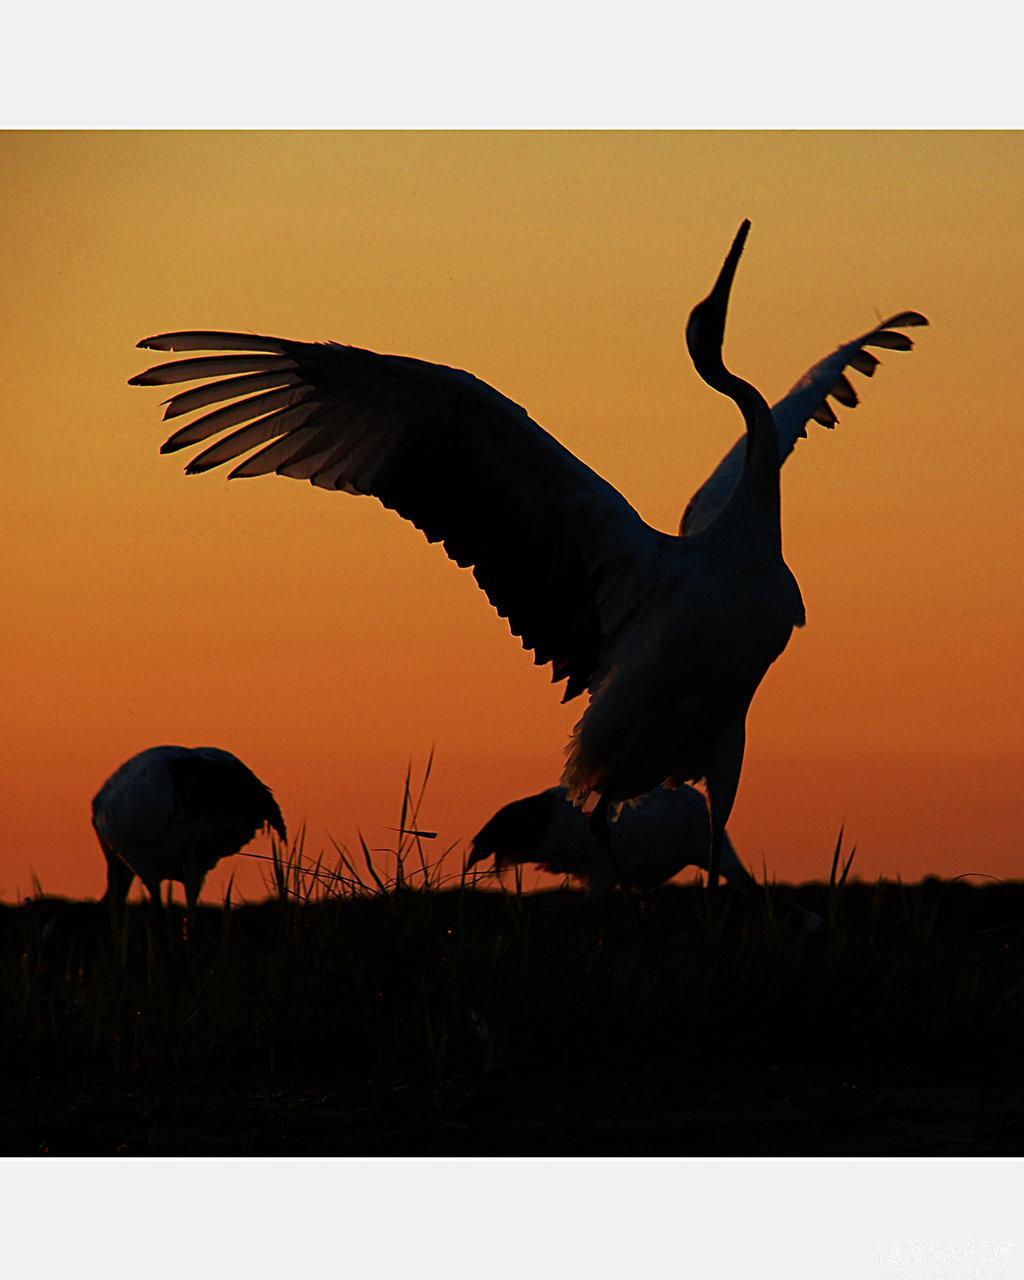 丹顶鹤剪影【6】 - 丹顶鹤的风采【1】